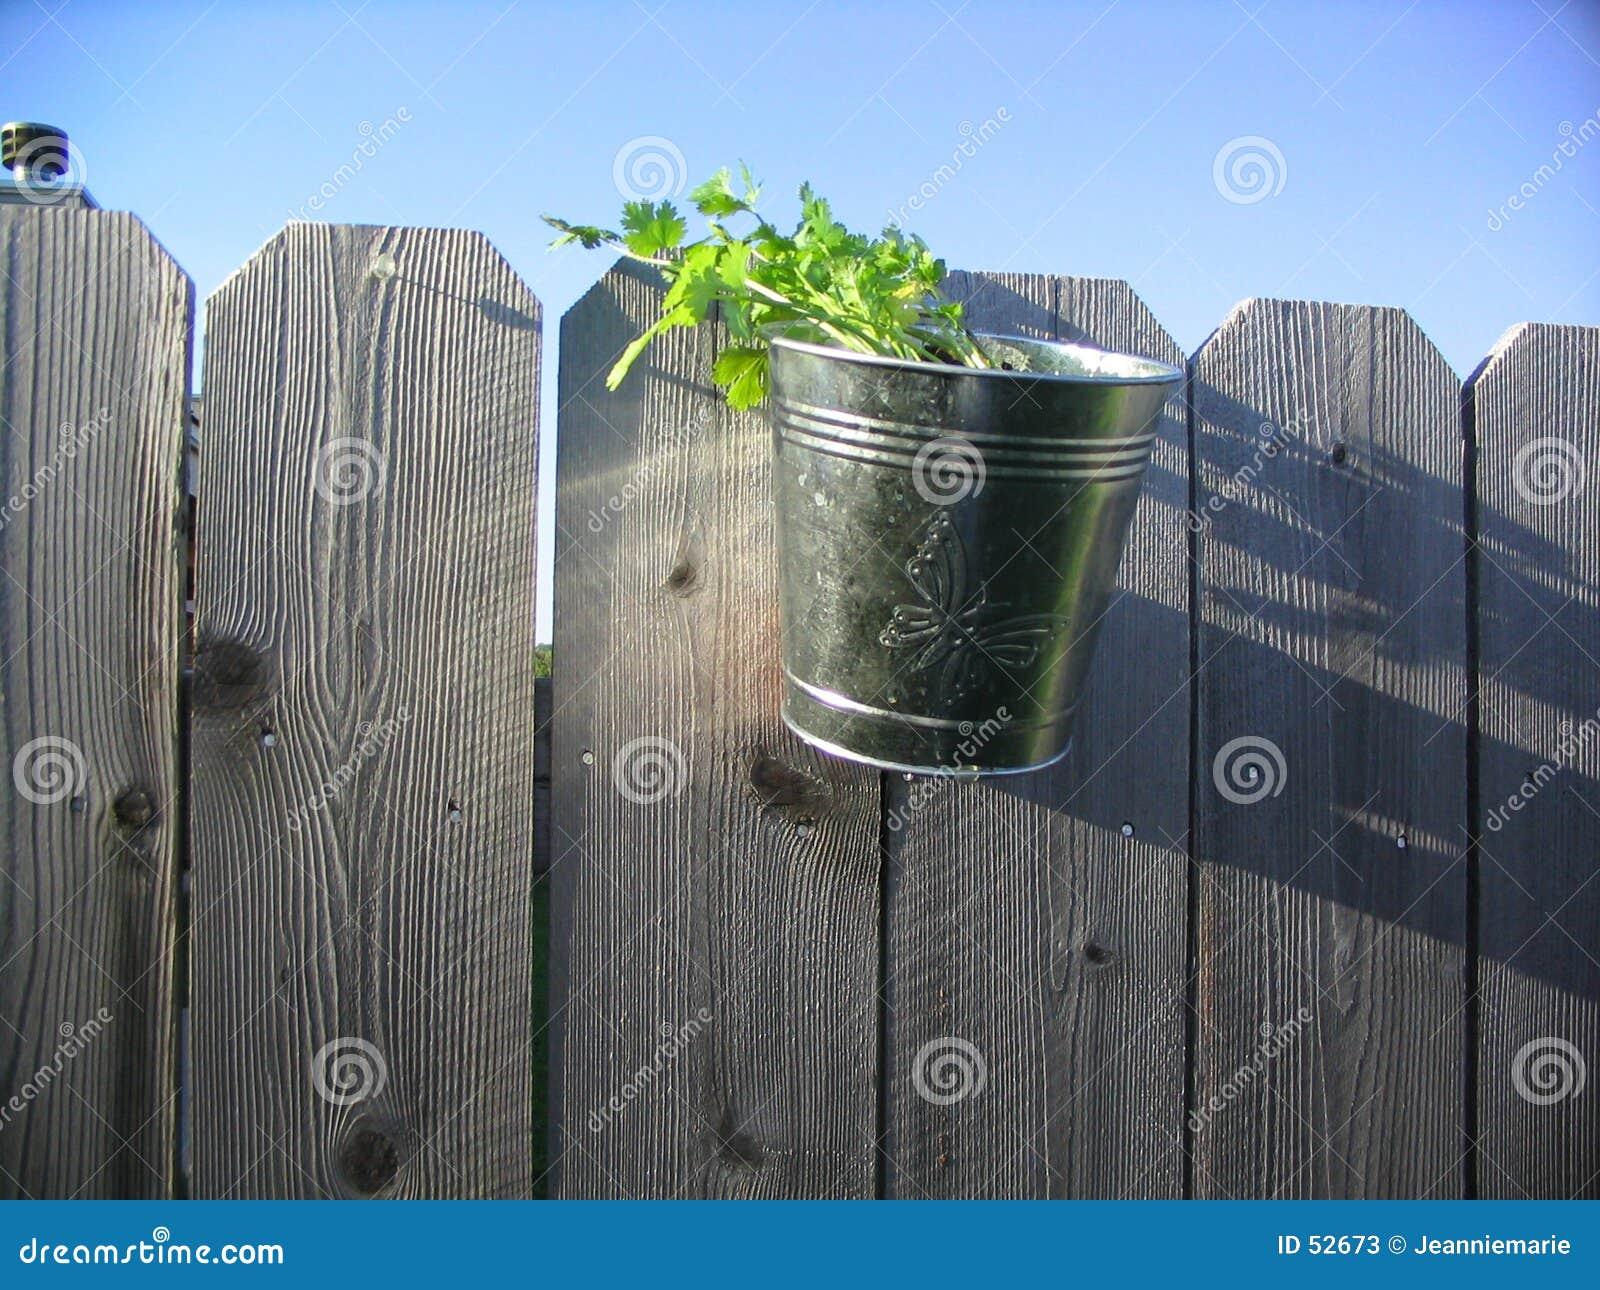 Eingemachter Cilantro auf einem Zaun